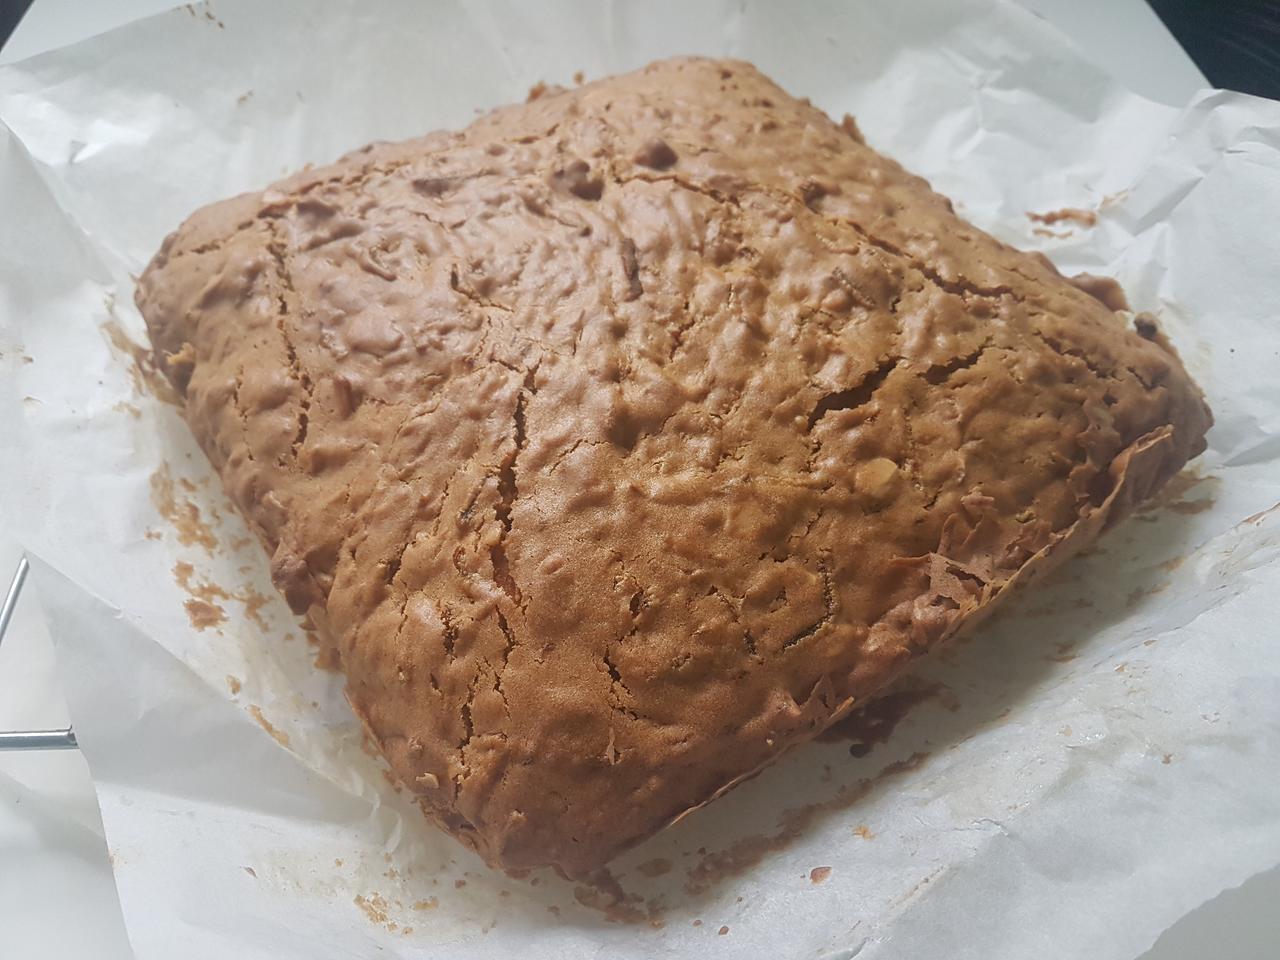 ciasto z dyni hokkaido po upieczeniu